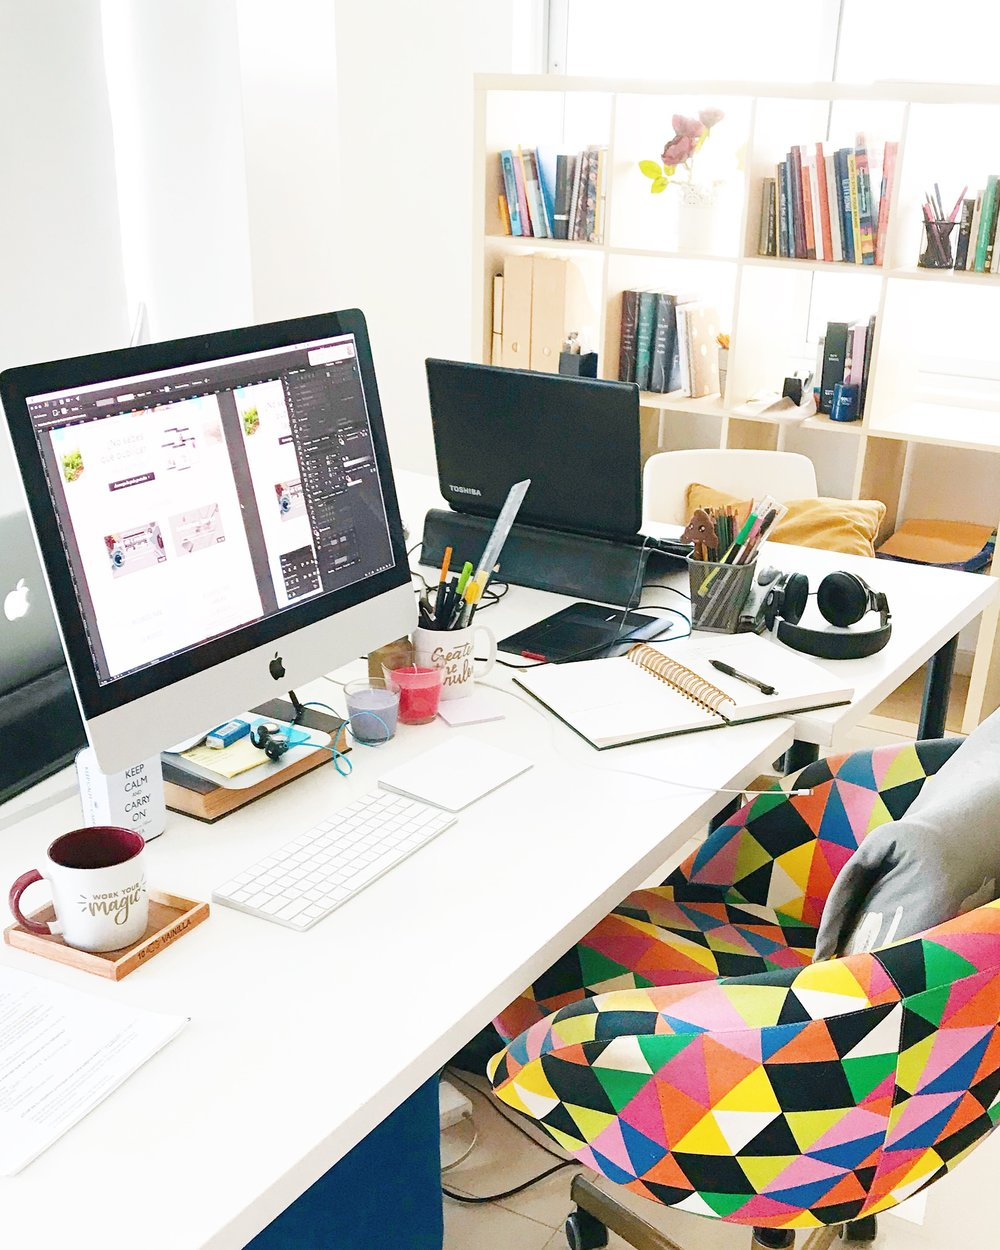 ¿Quiénes somos? - Diseñadores, desarrolladores, jugadores y amantes del café...Aprende sobre nosotros y nuestro proceso haciendo clic a continuación.